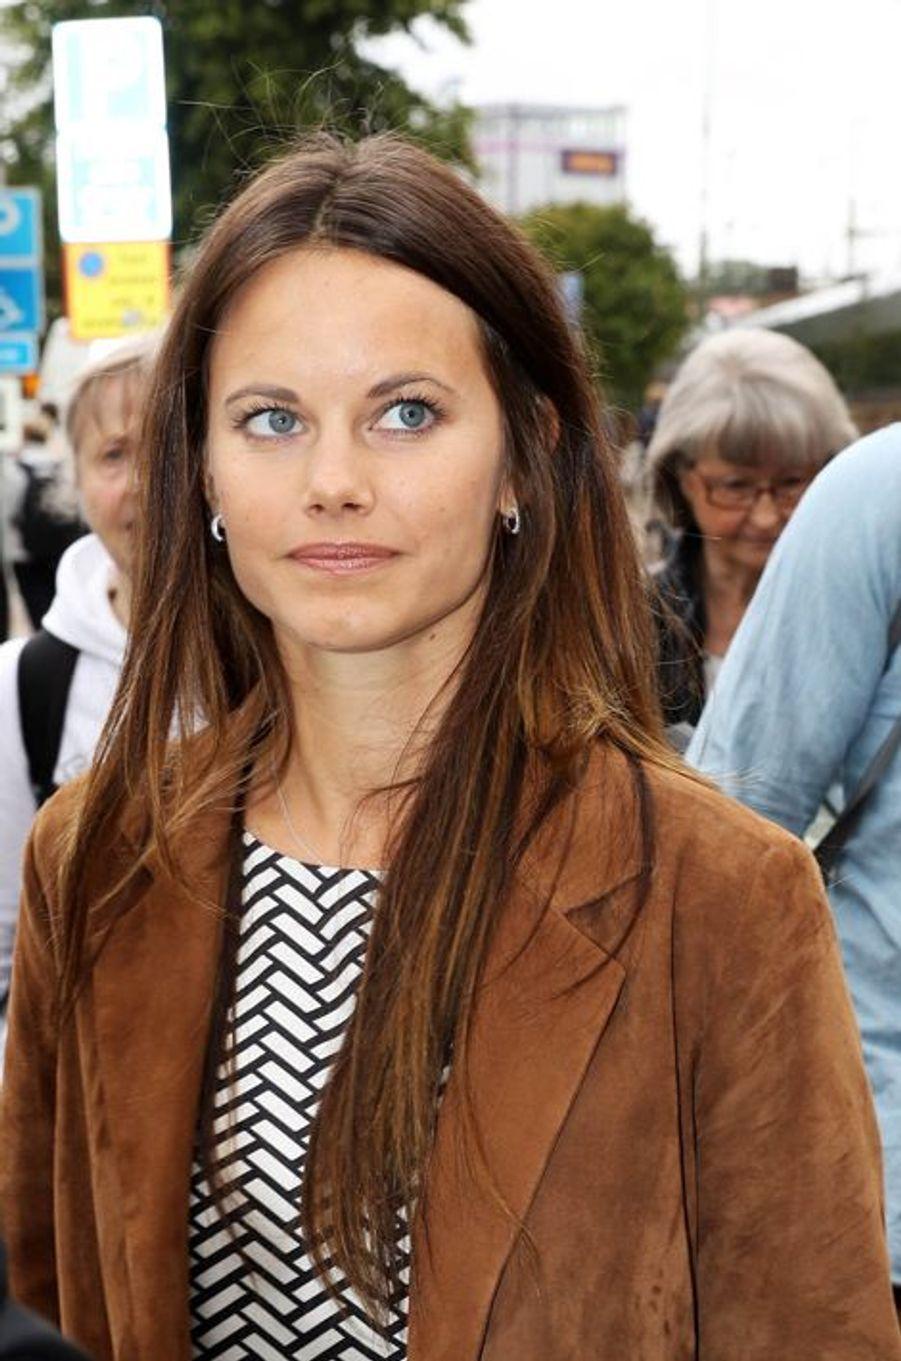 La princesse Sofia de Suède arrive dans le Värmland, le 26 août 2015